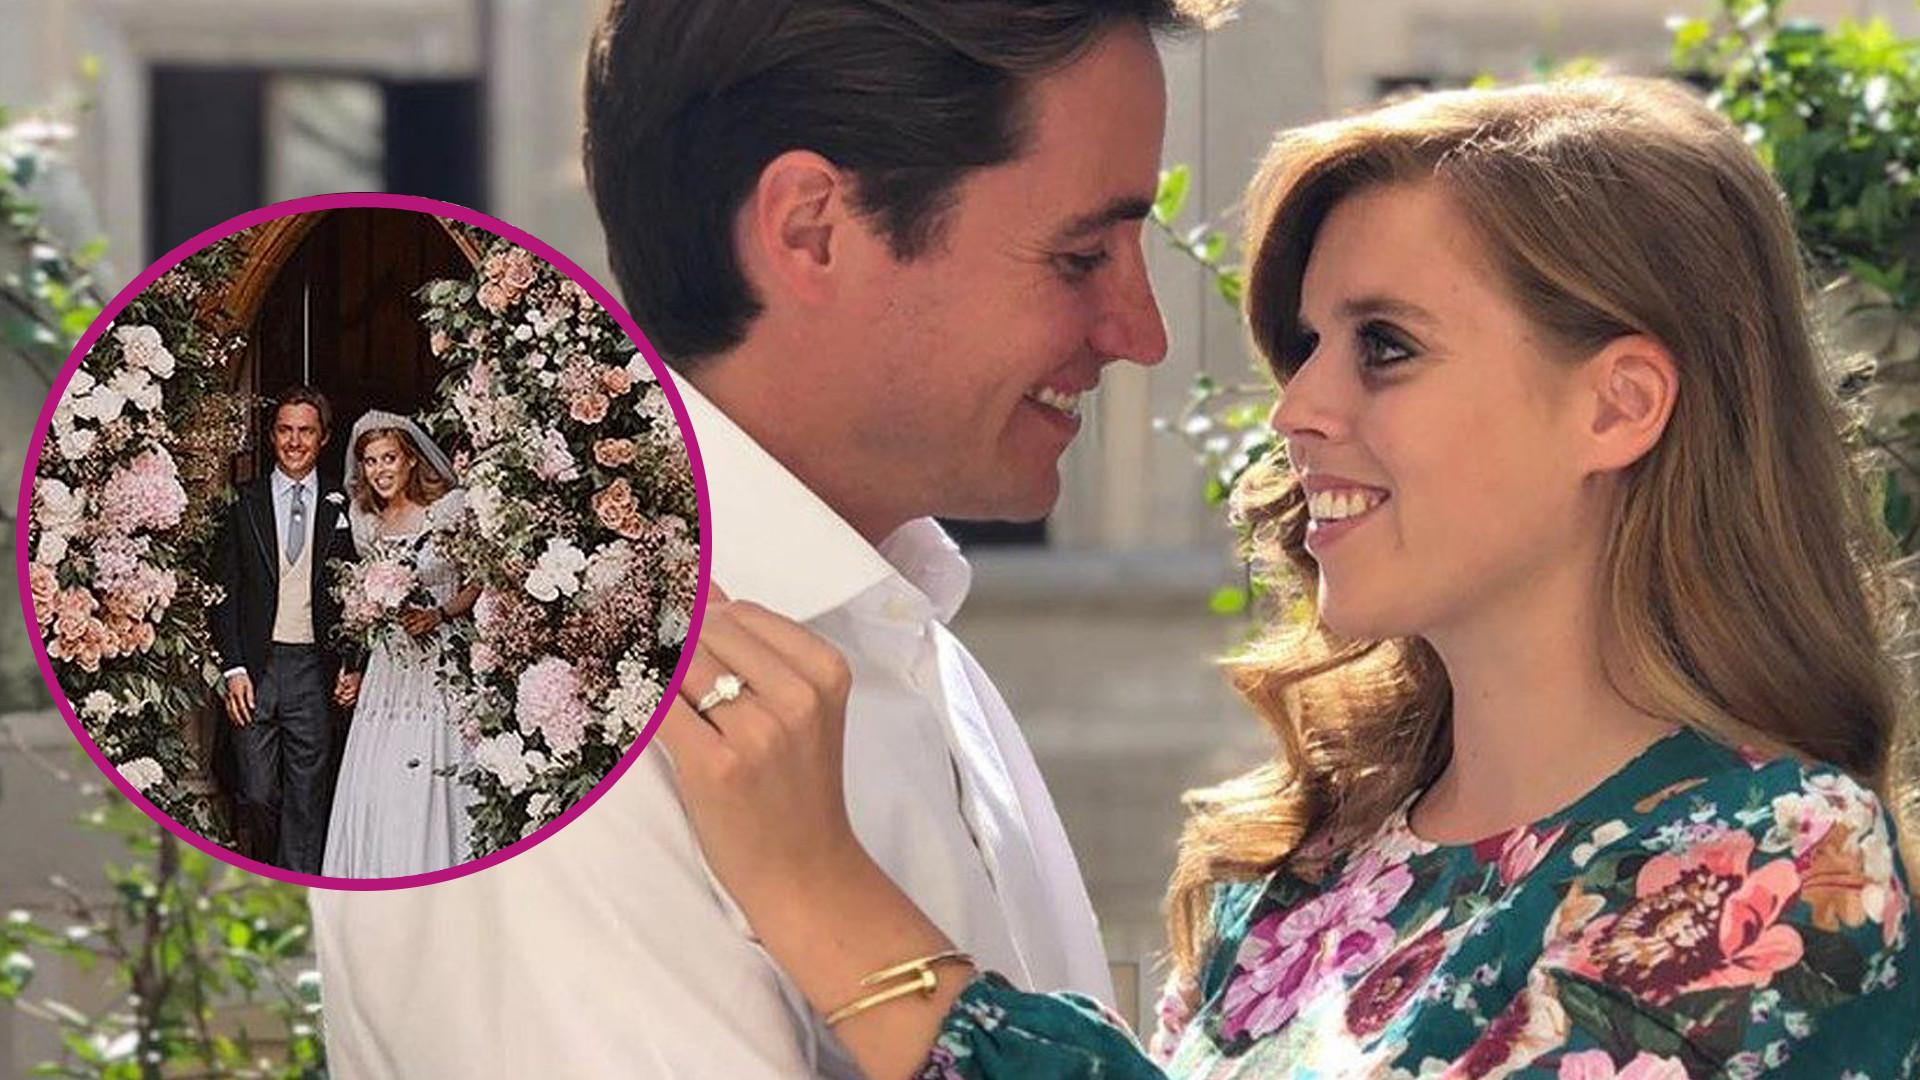 Są zdjęcia z ROYAL WEDDING – kreacja księżniczki Beatrice już została okrzyknięta jedną z najpiękniejszych w historii